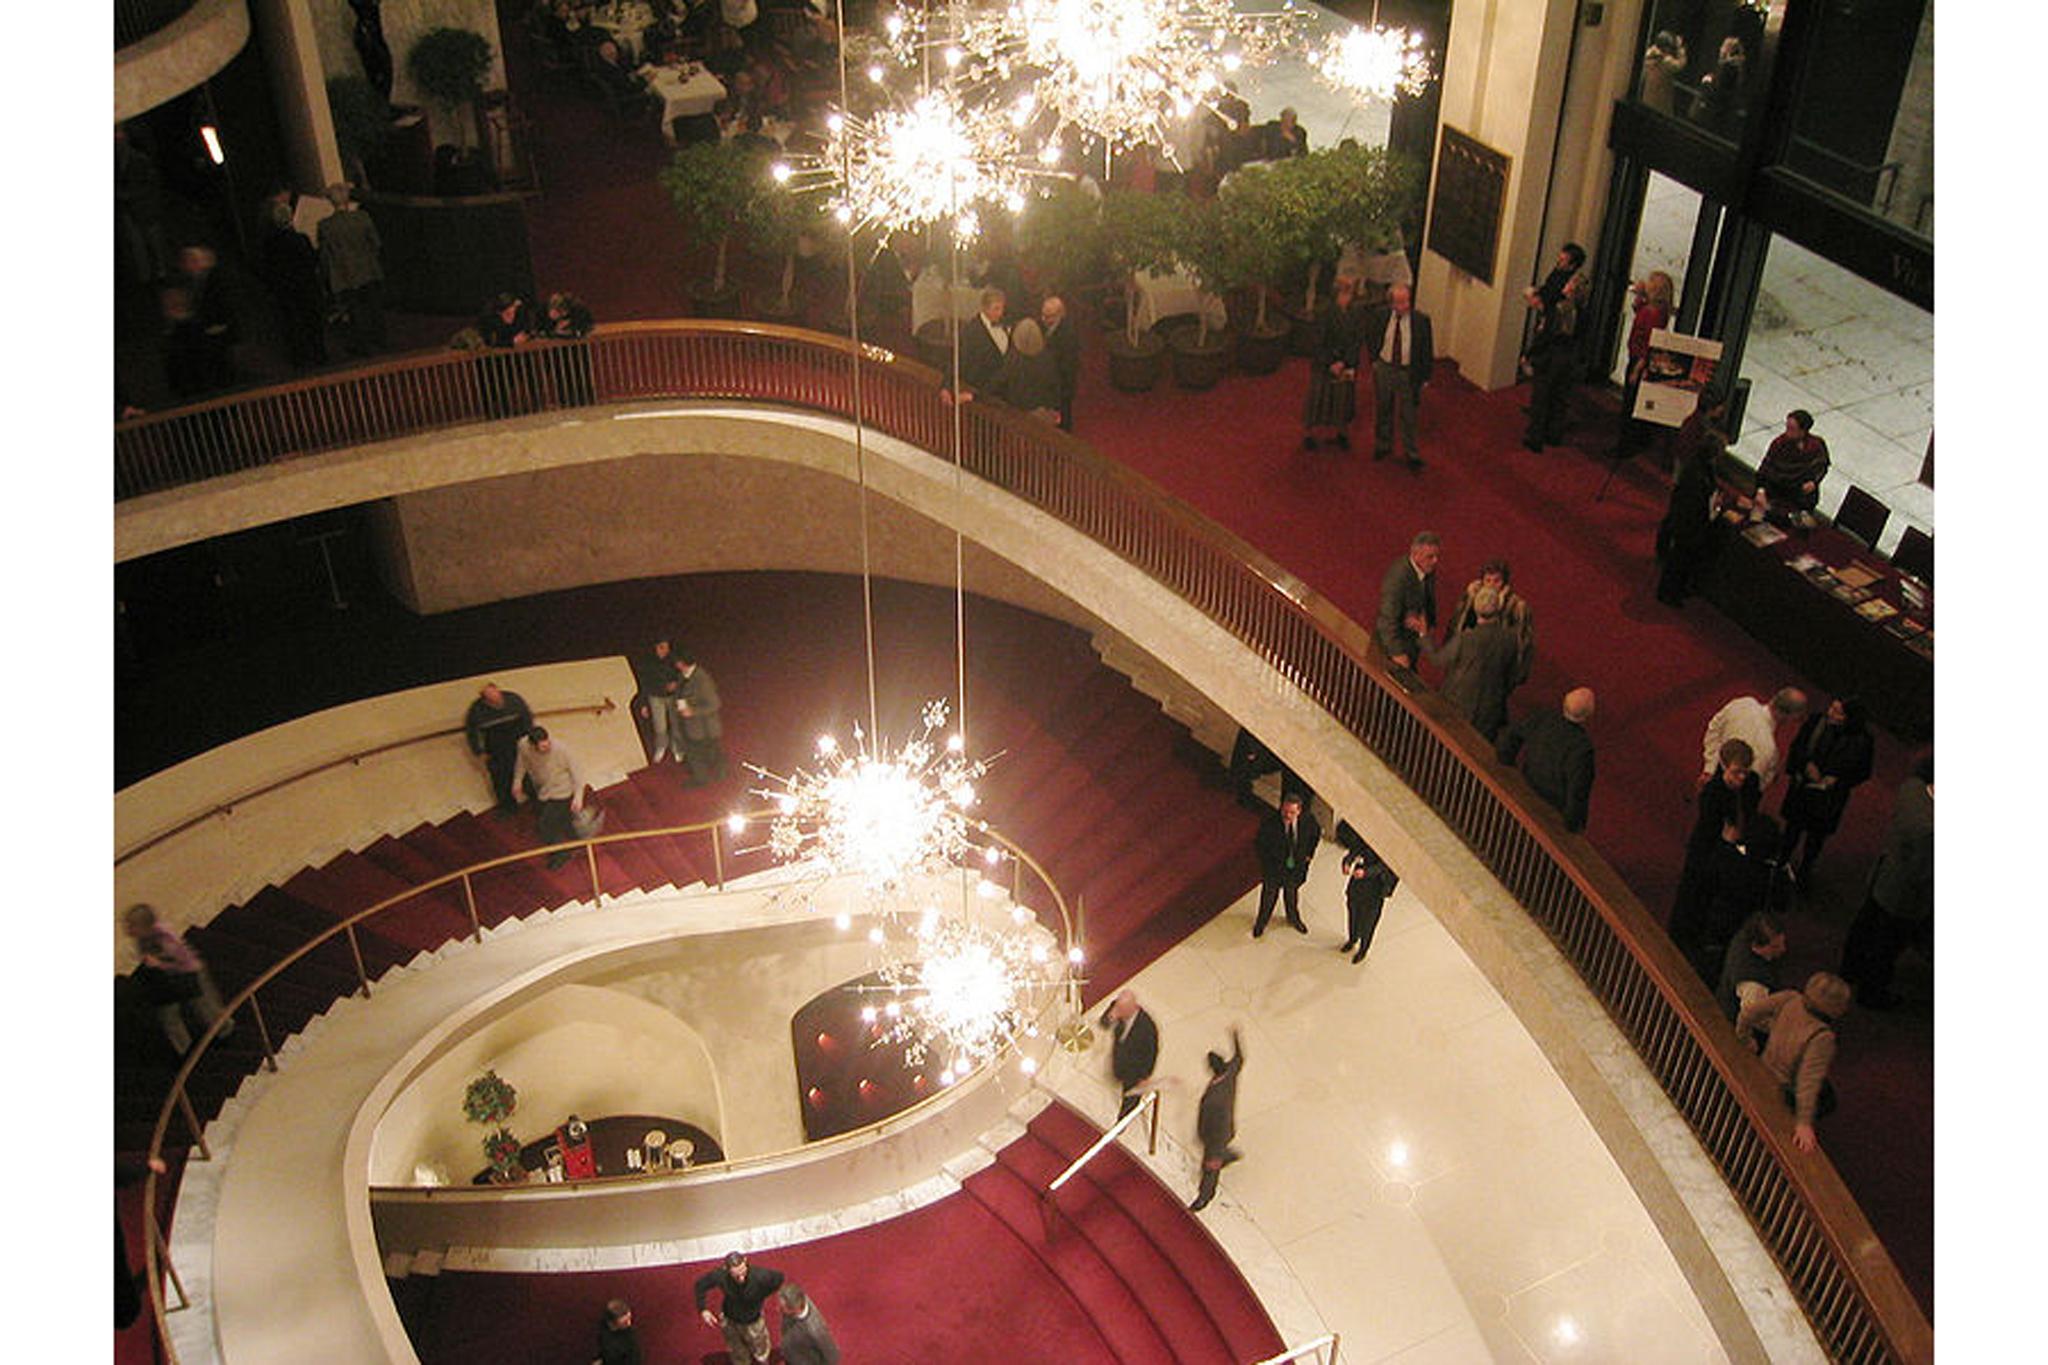 Metropolitan Opera House at Lincoln Center